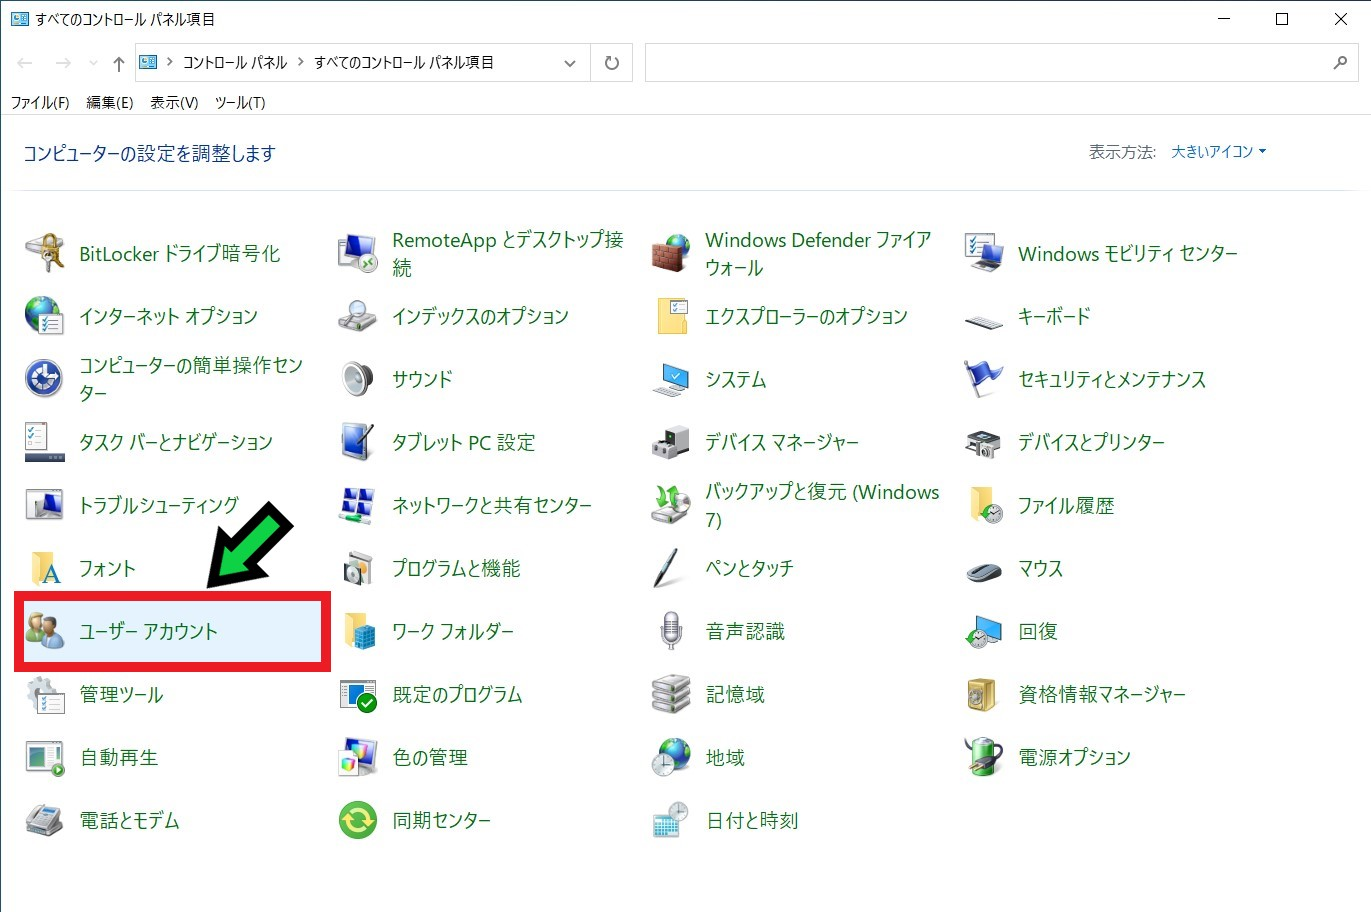 不要なユーザーアカウントを削除する方法【Windows10】